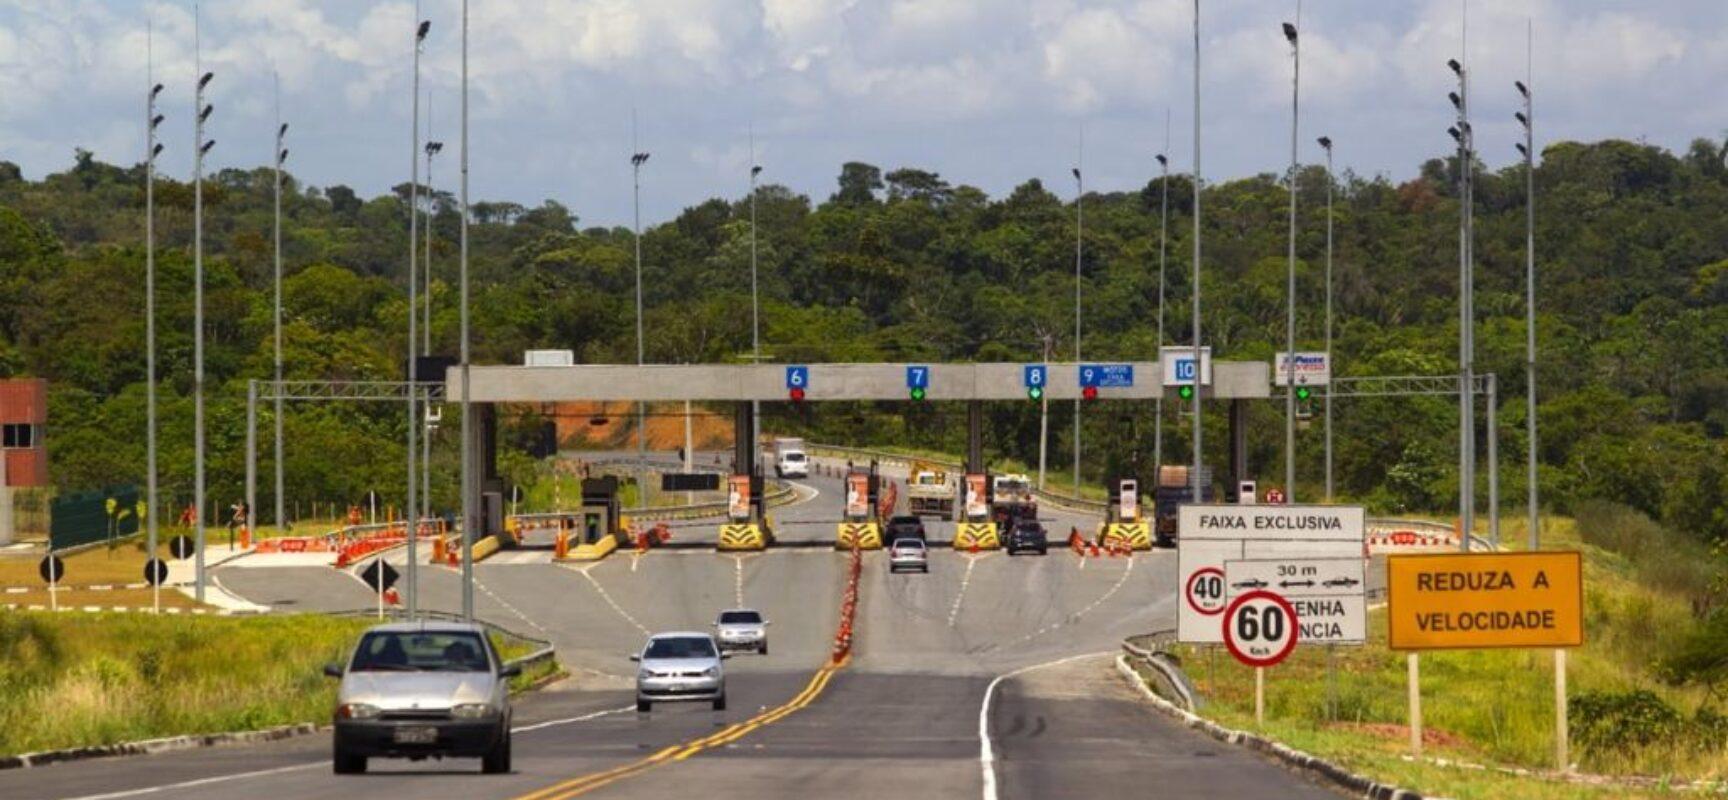 Cerca de 351 mil veículos devem passar pelas rodovias BA-093 no feriado